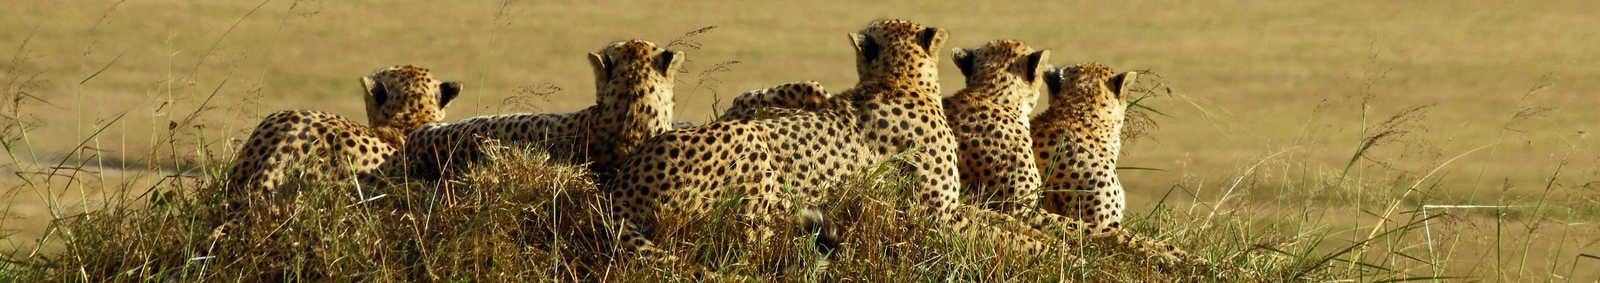 cheetah cubs in Masai Mara